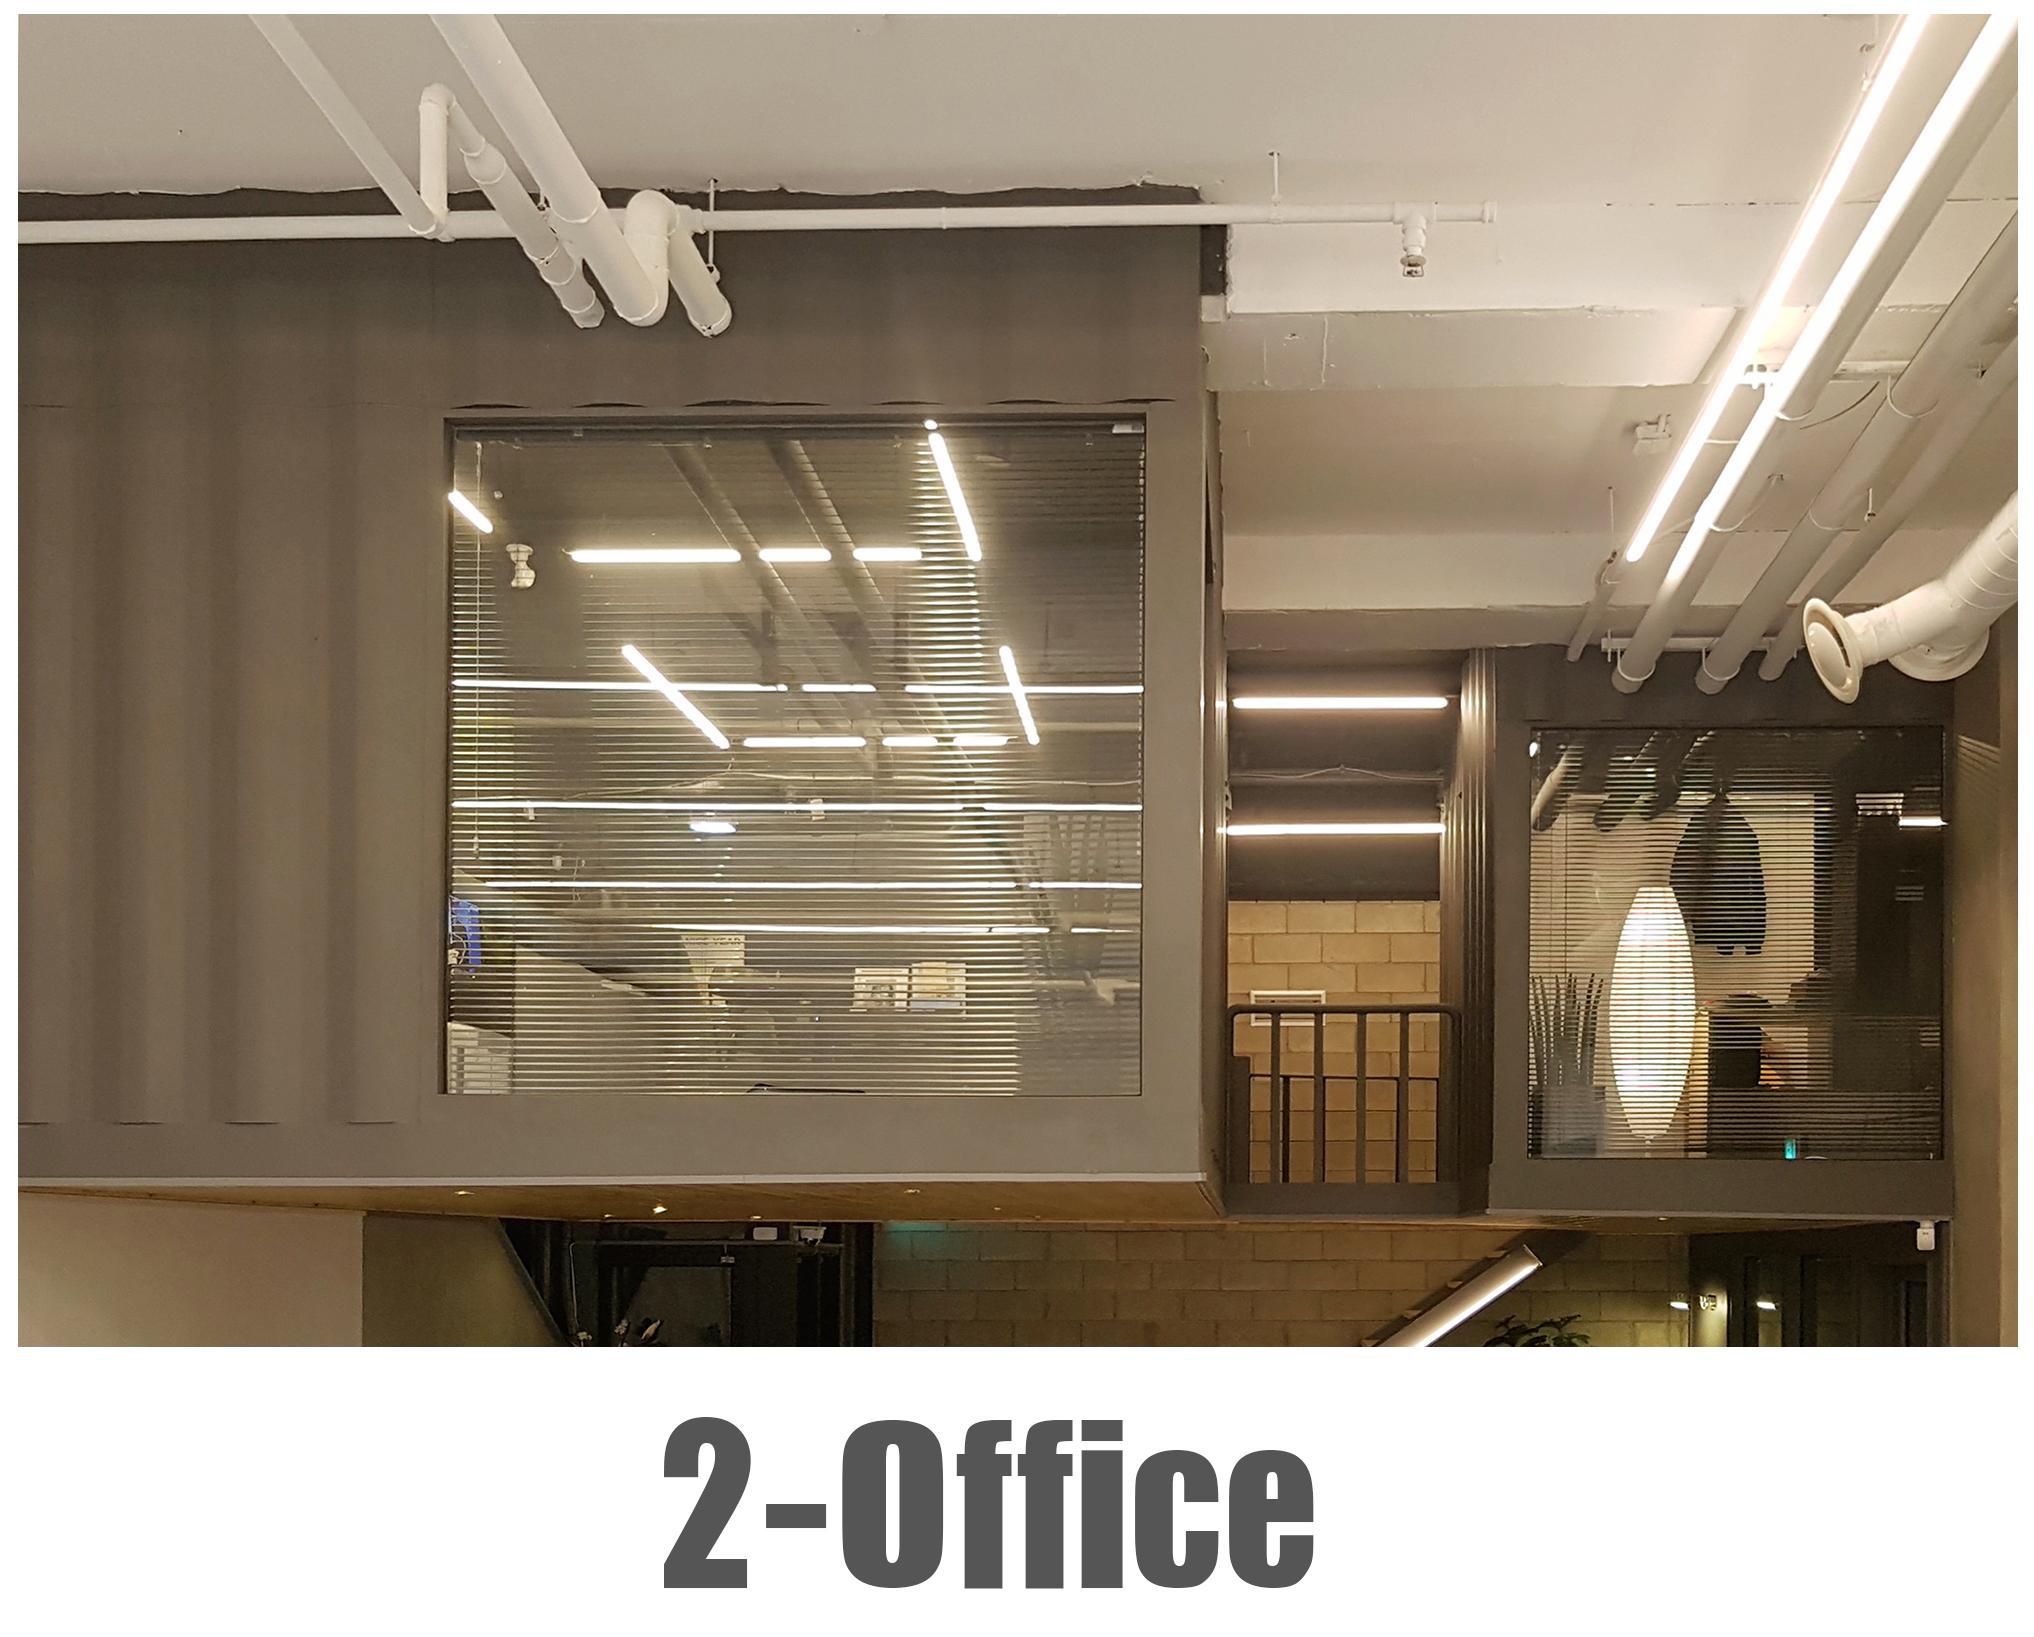 2-office.jpg